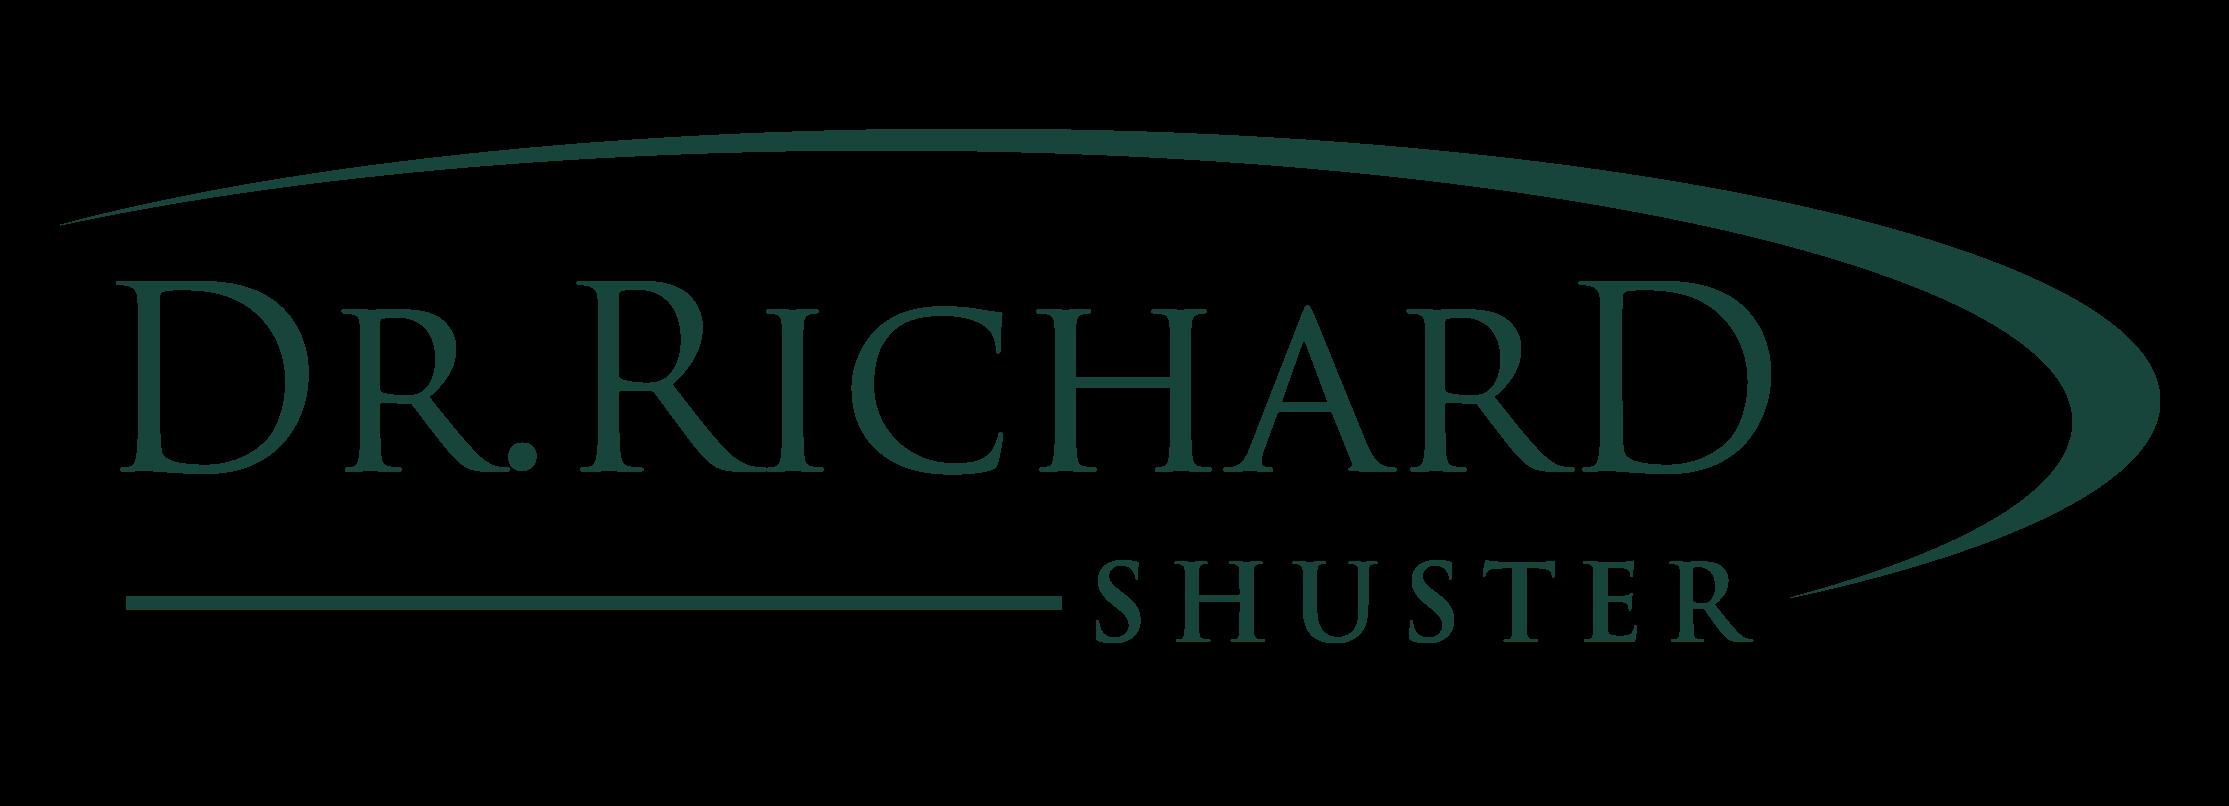 Dr. Richard Shuster